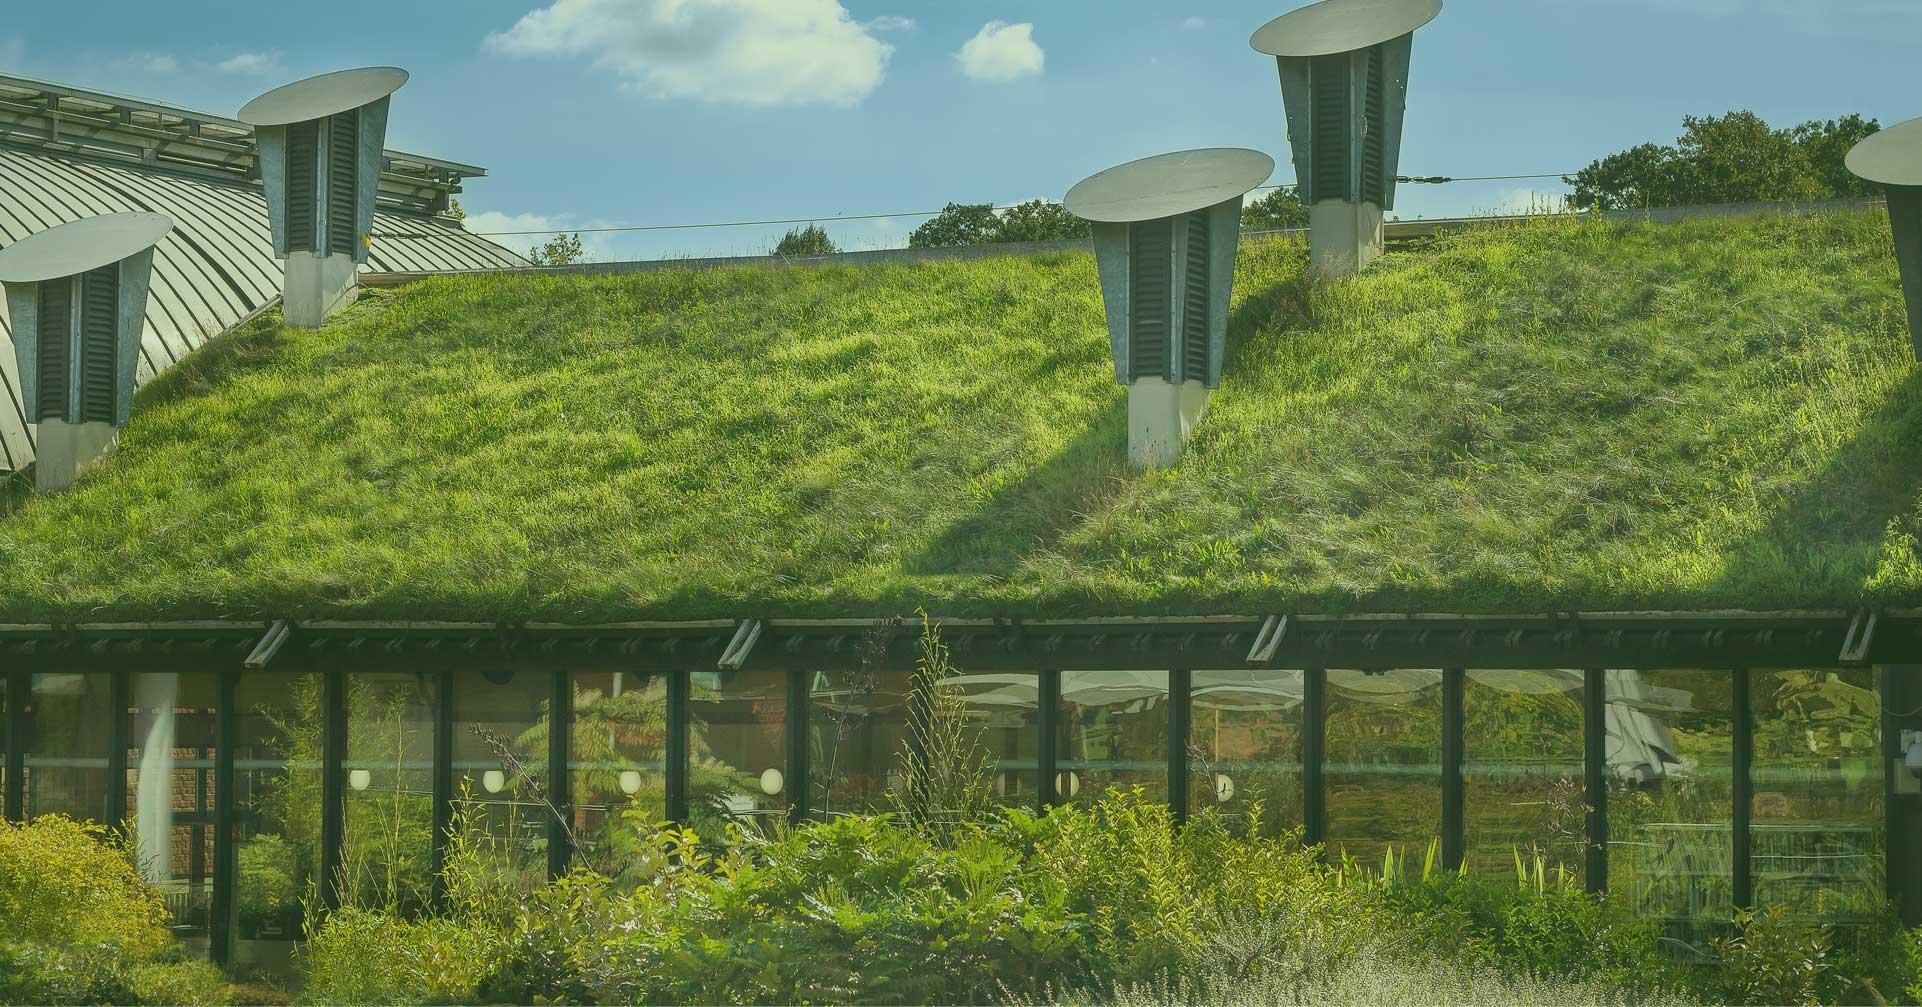 grønne tage, græs på taget,